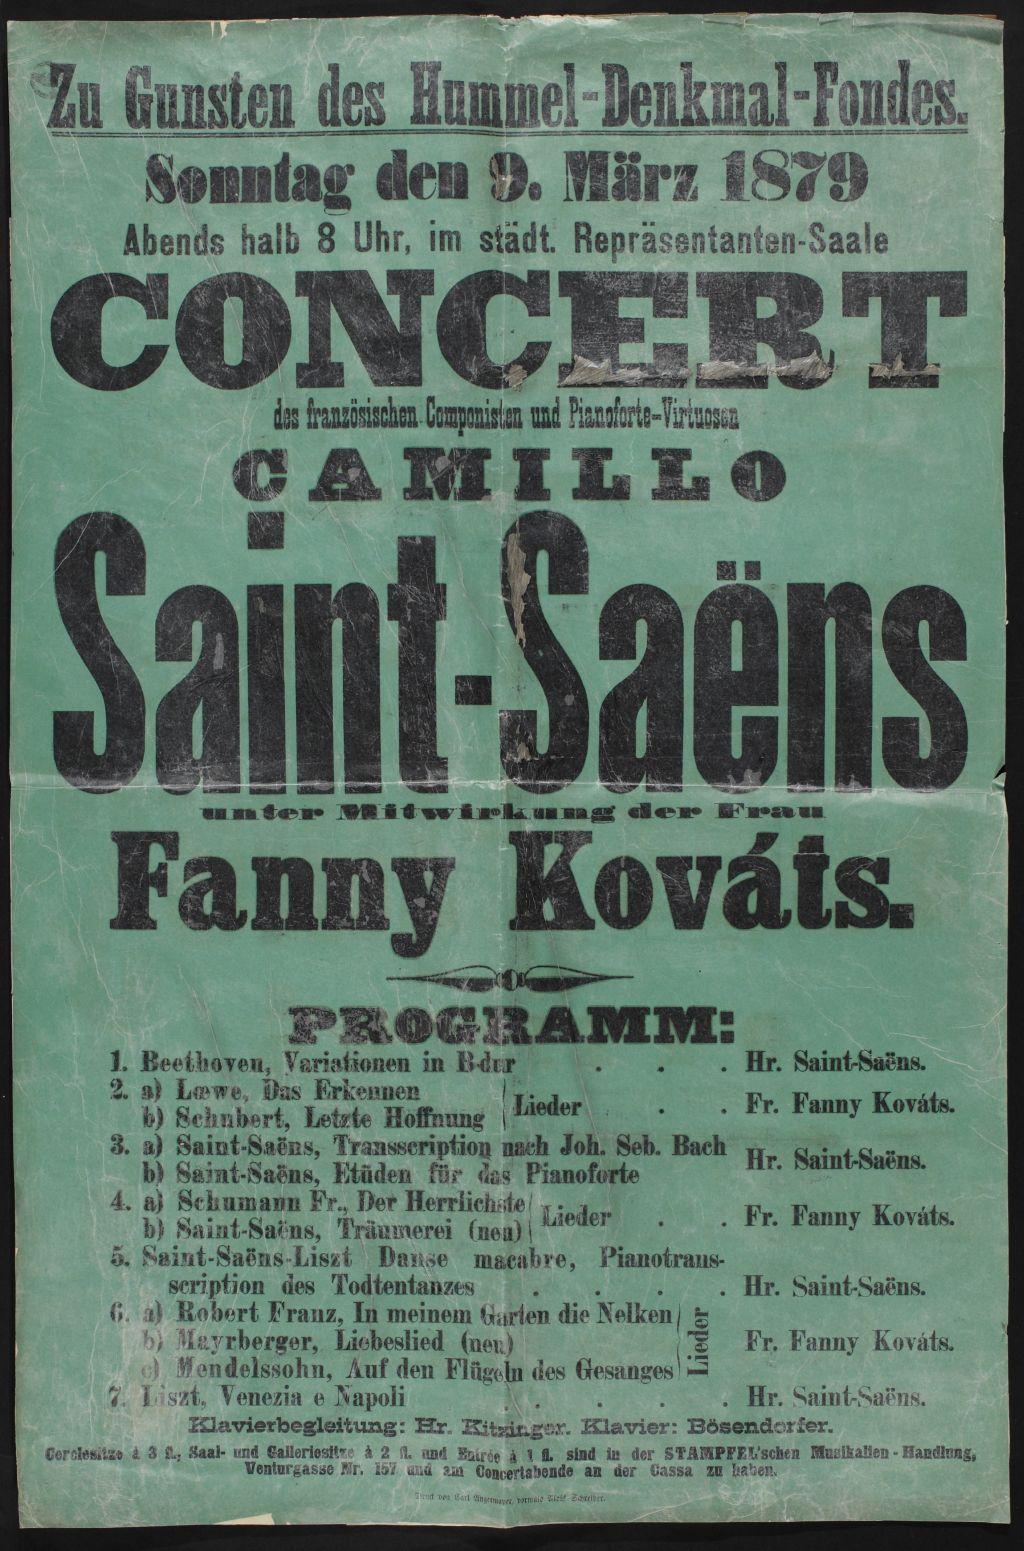 Saint-Saëns pozsonyi koncertjének plakátja ‒ Plakát- és Kisnyomtatványtár